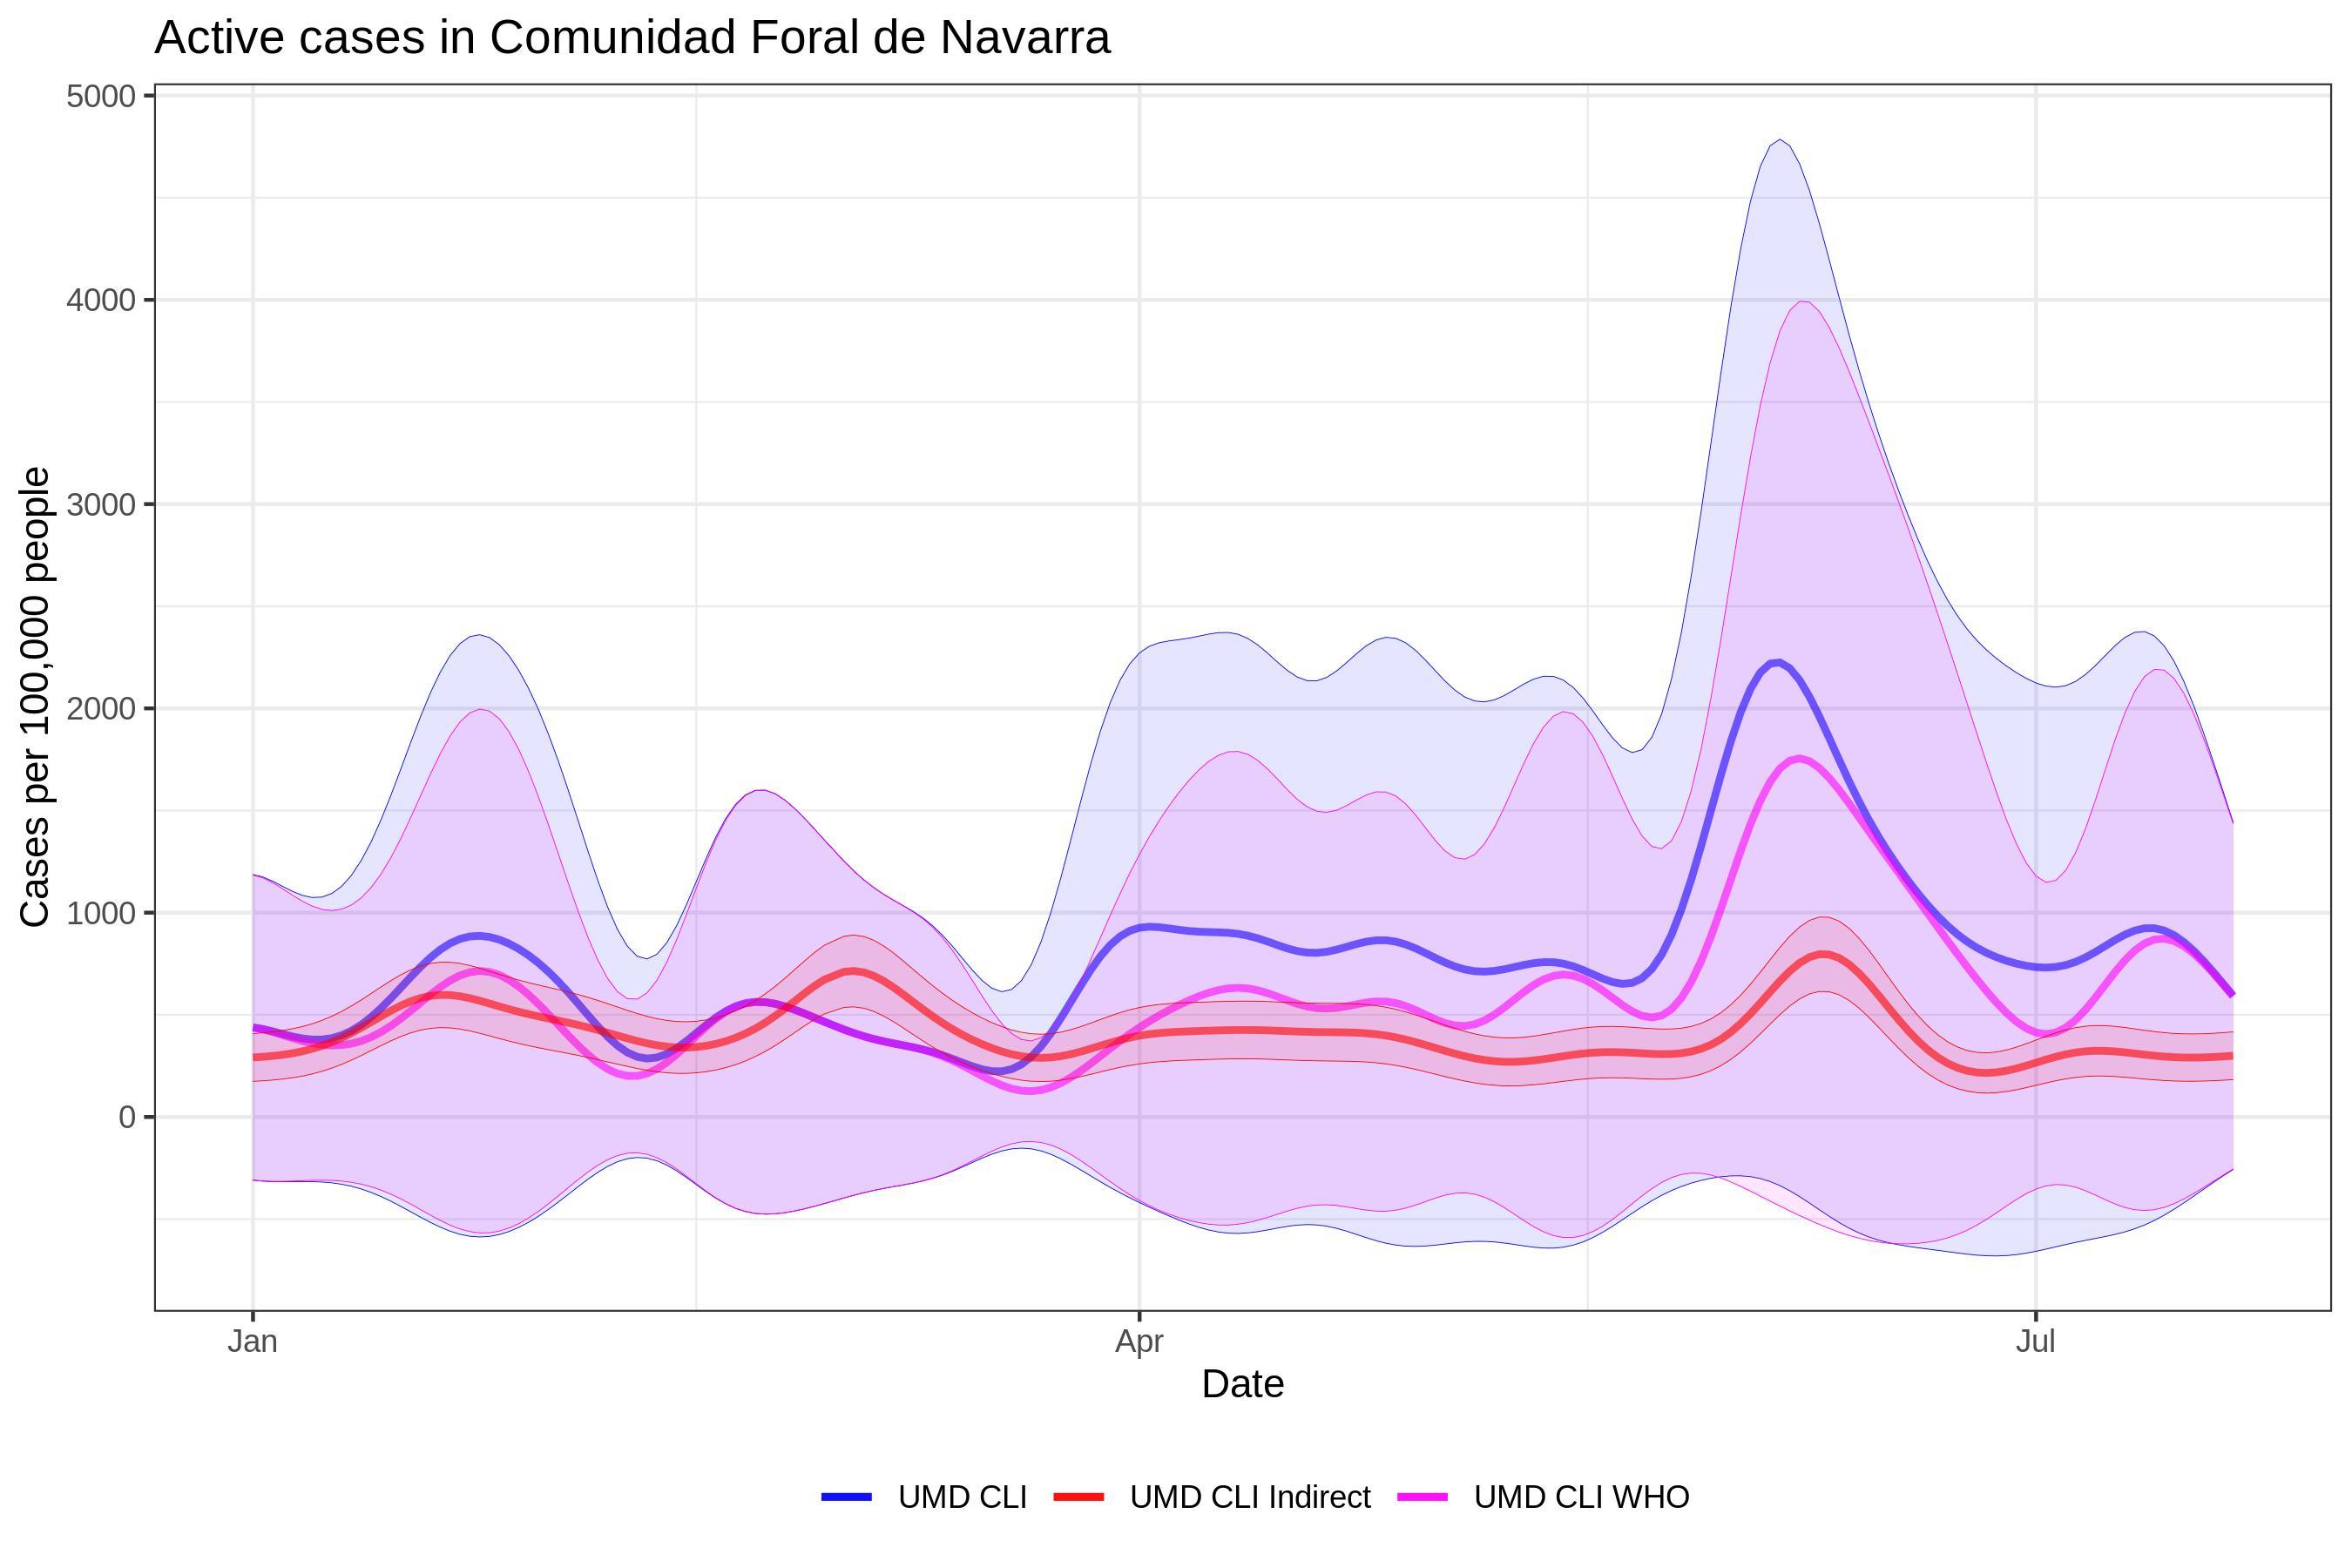 ES Comunidad Foral de Navarra